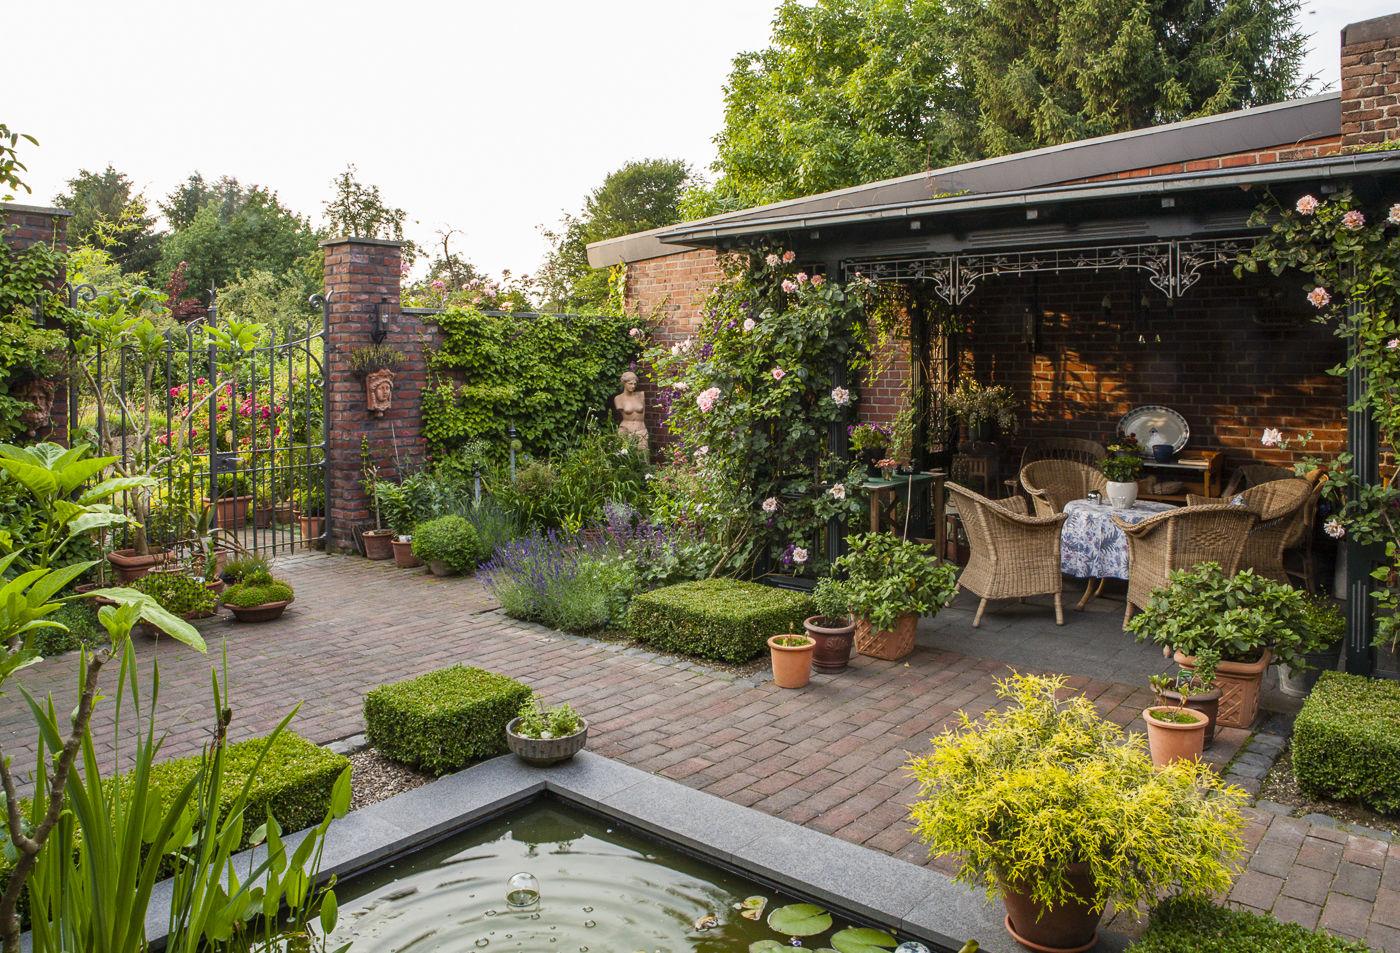 Charmant Vorher Nachher Ansichten Einiger Gartenrealisierungen Verona Michael